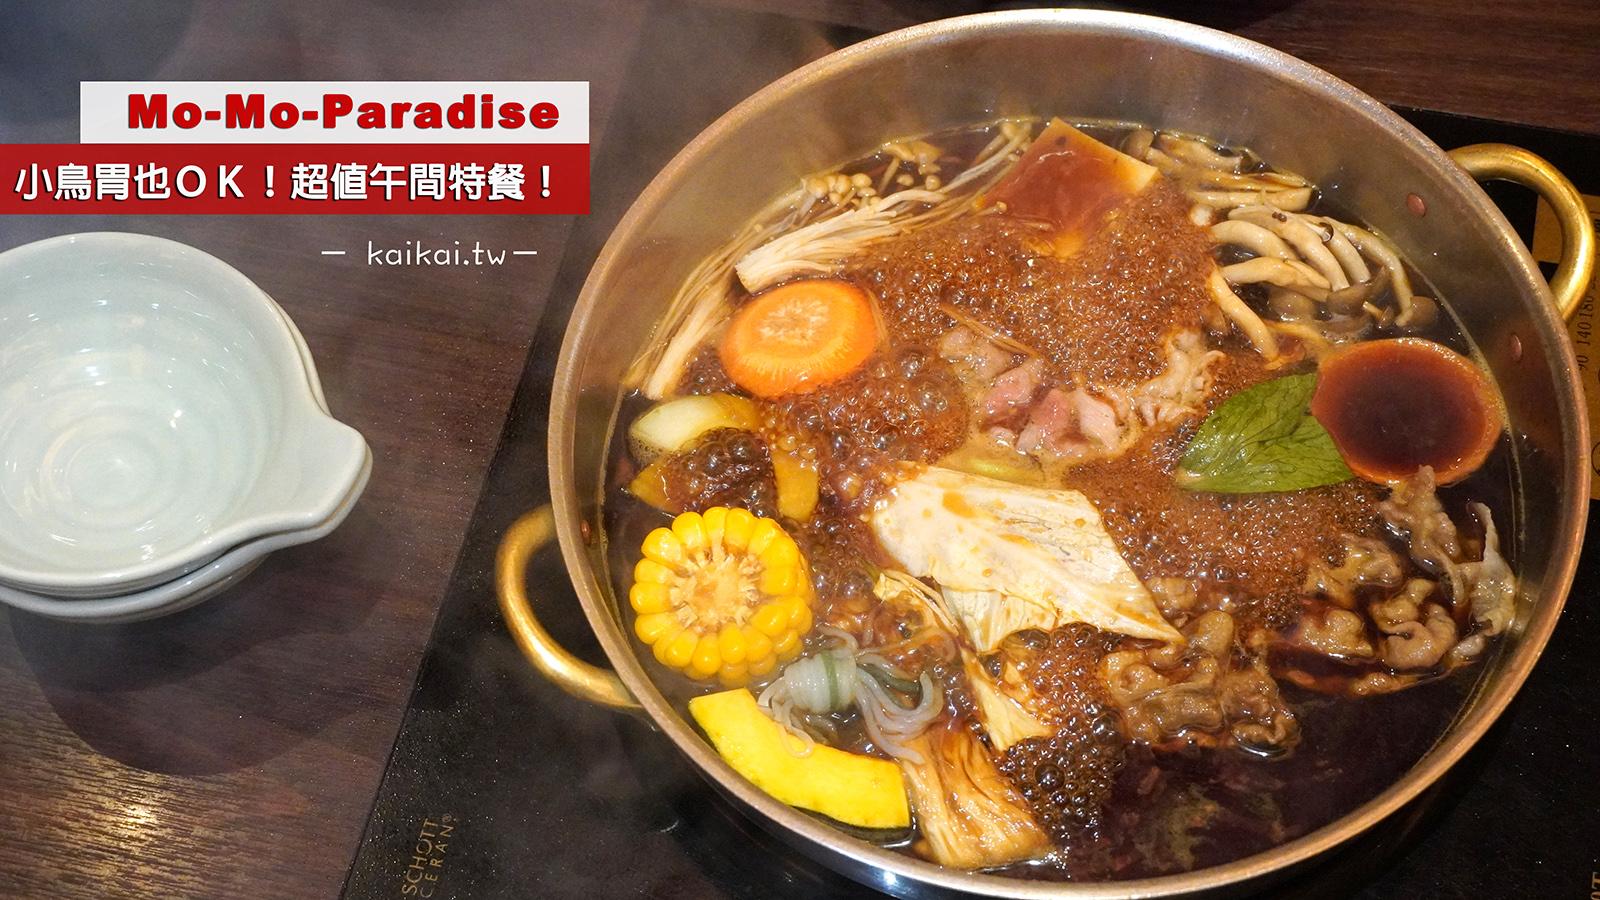 ☆【新北|先嗇宮站】小鳥胃的一人壽喜燒。Mo Mo Paradise超值商業午餐 @凱的日本食尚日記